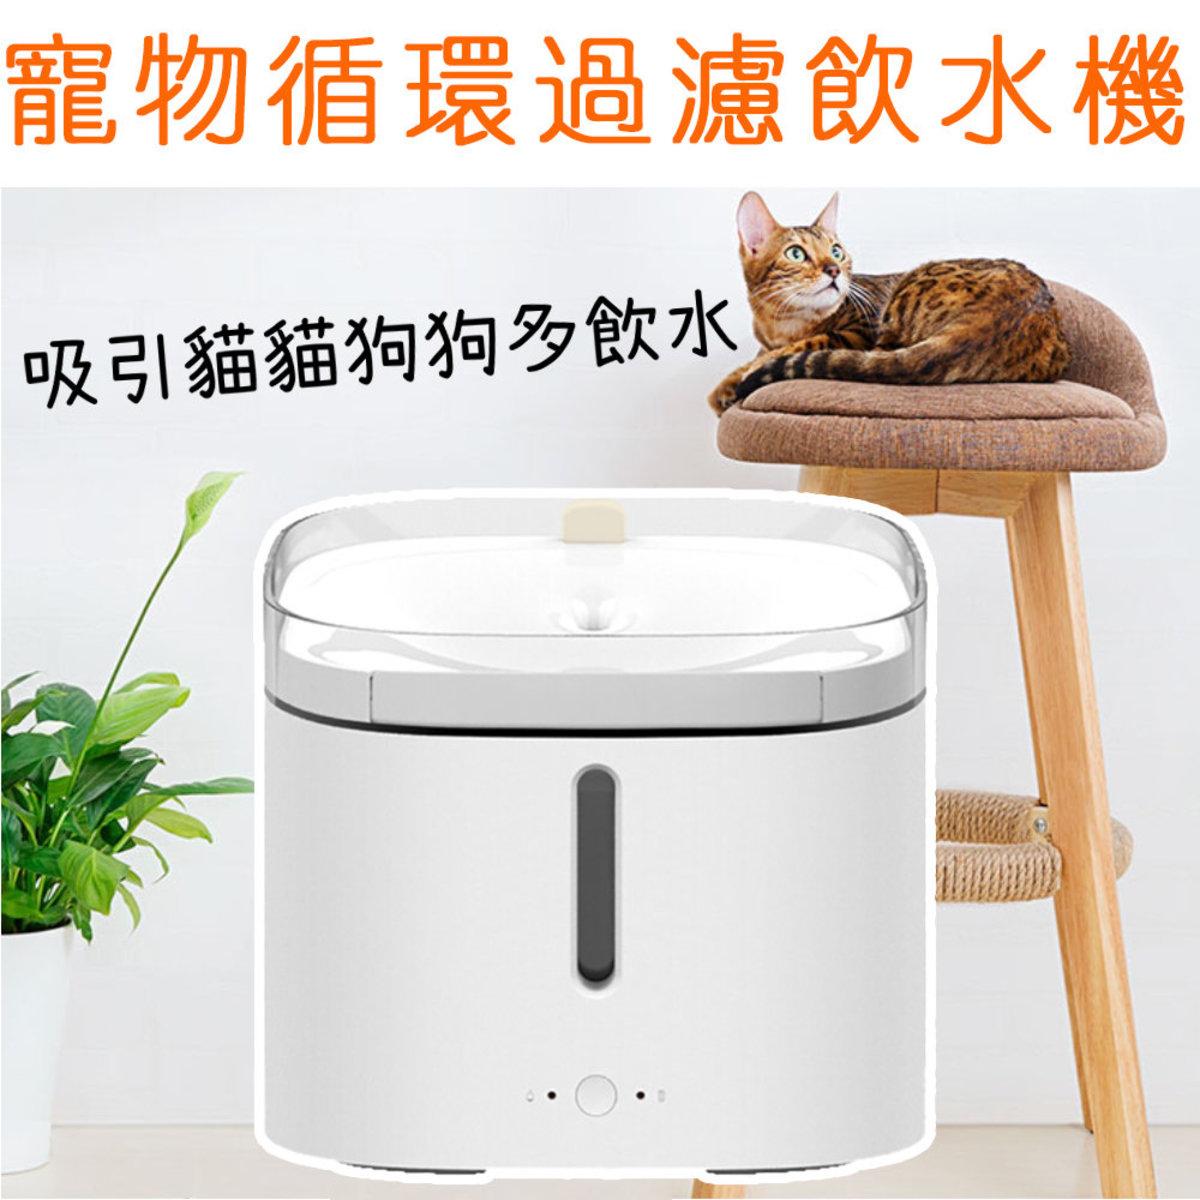 KITTEN & PUPPY Pet Water Purifier Dispenser